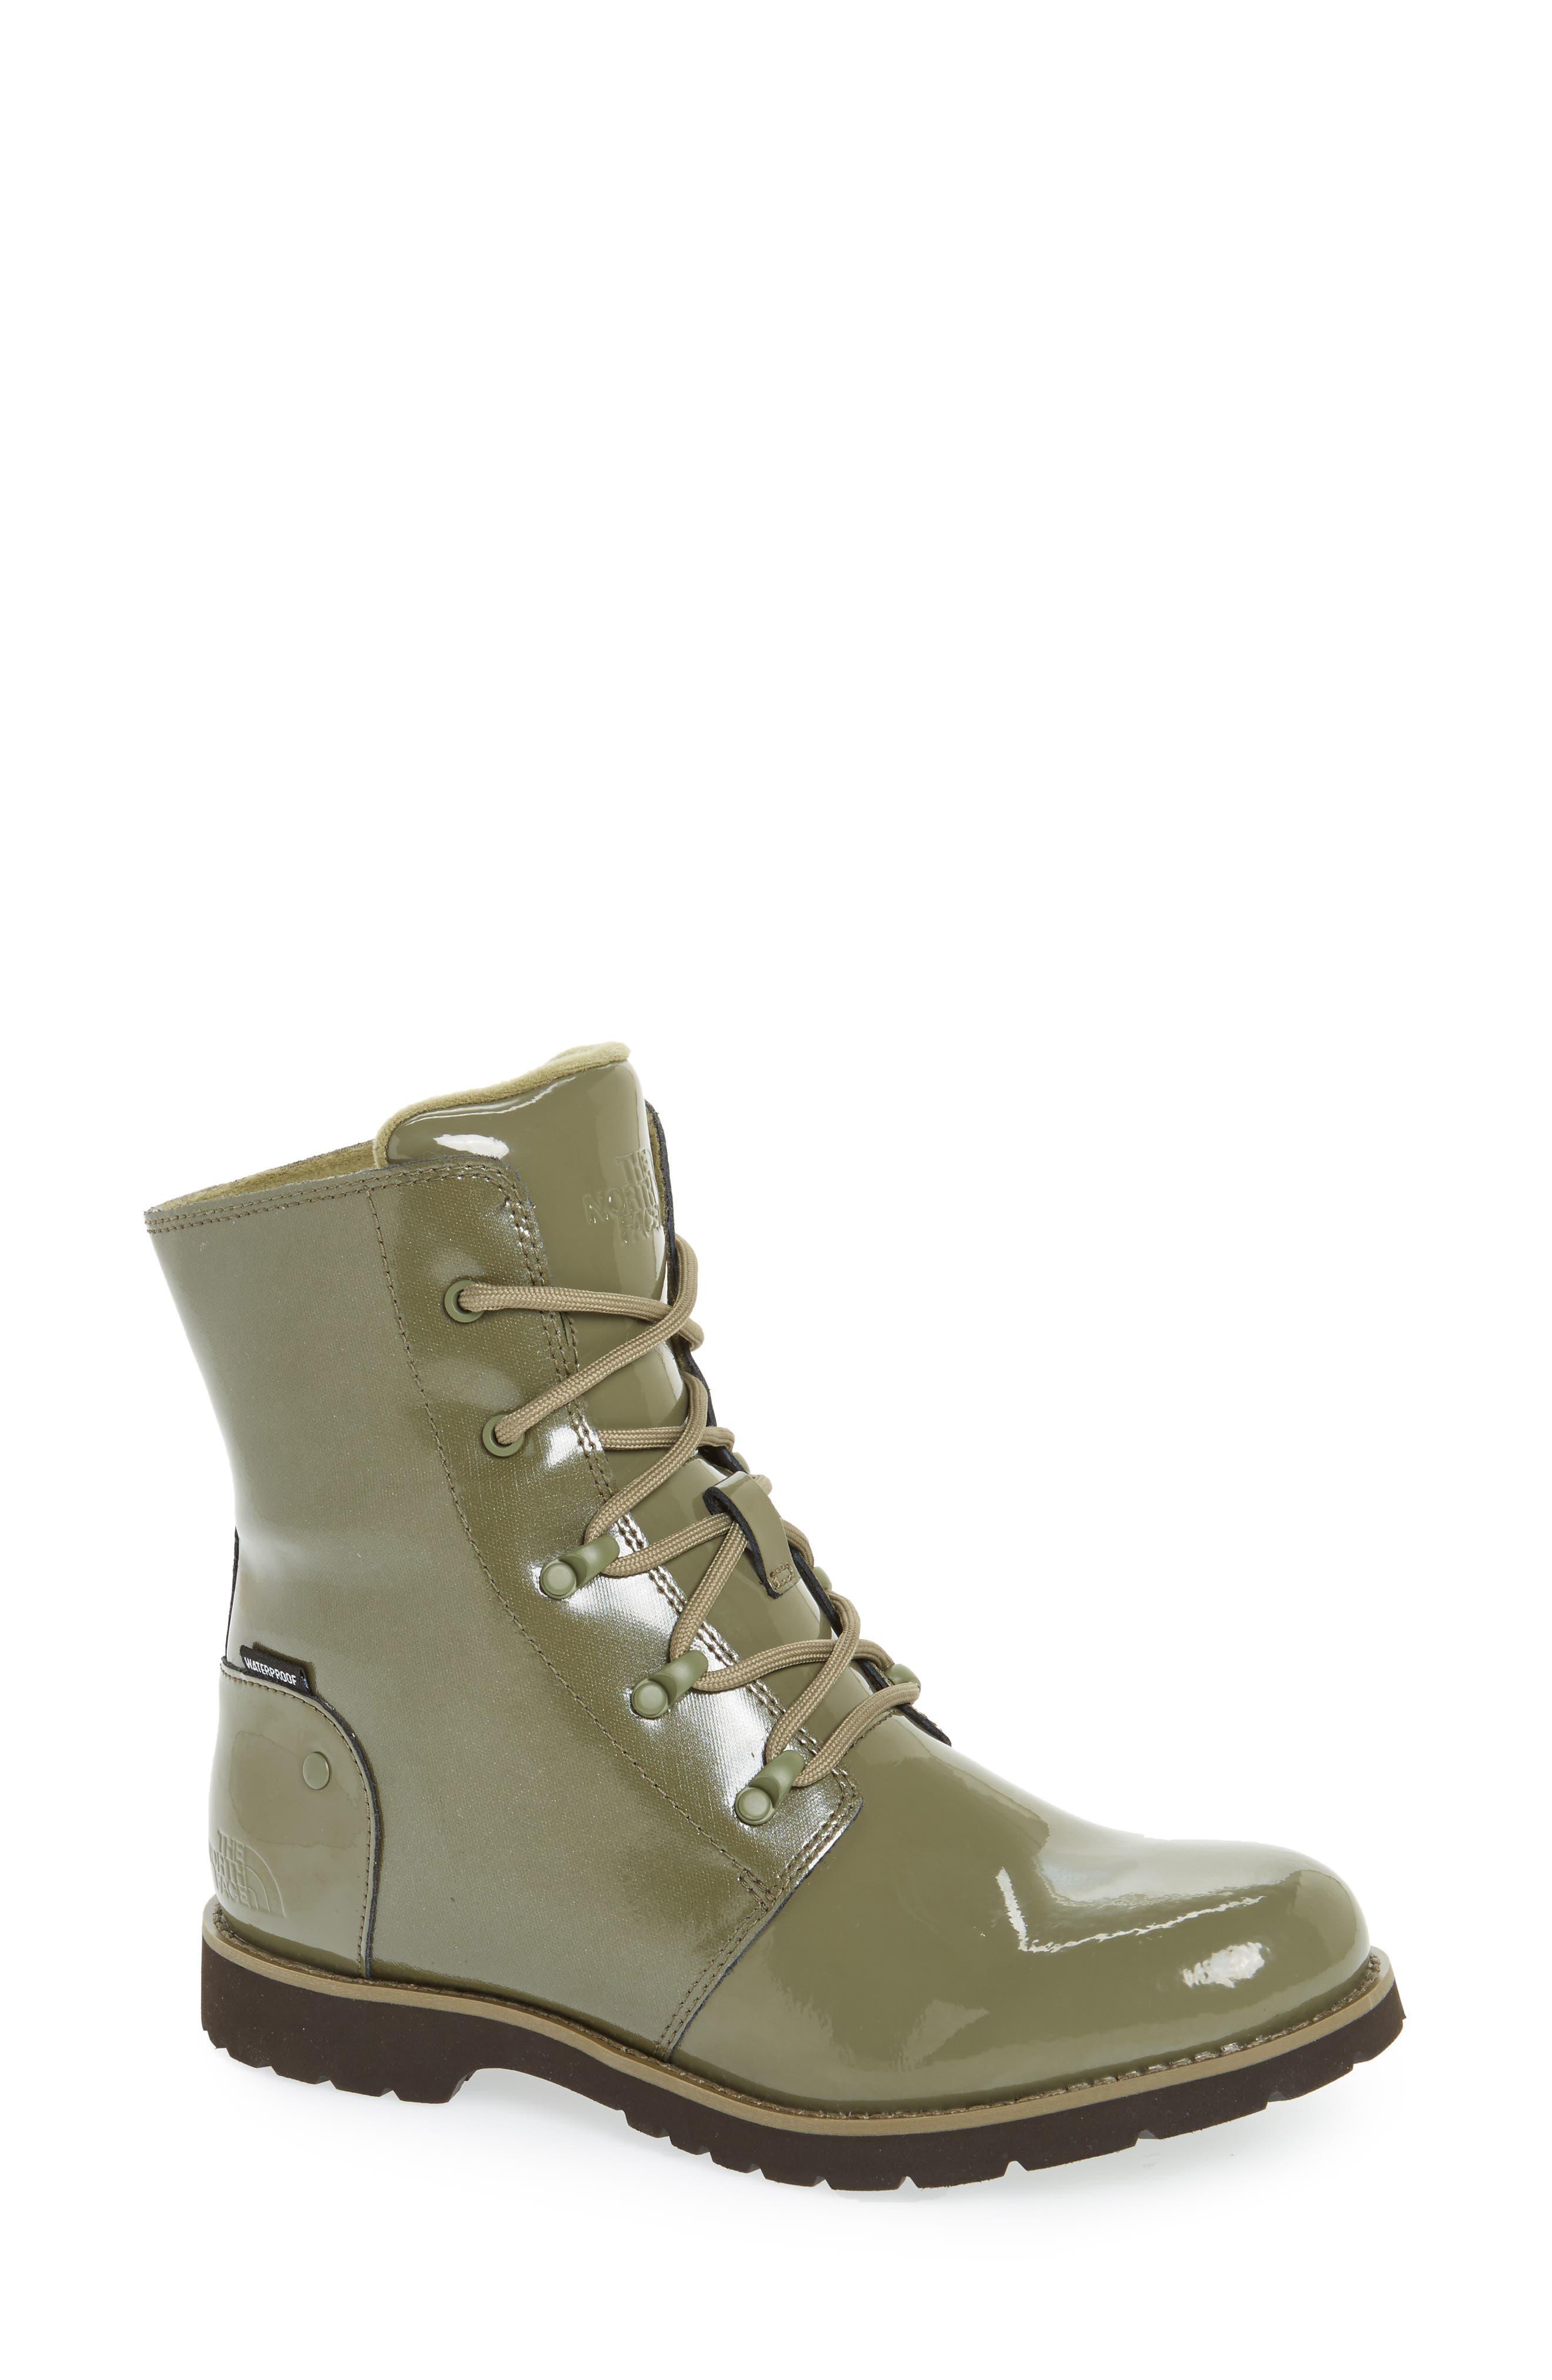 Ballard Rain Boot,                         Main,                         color, 301